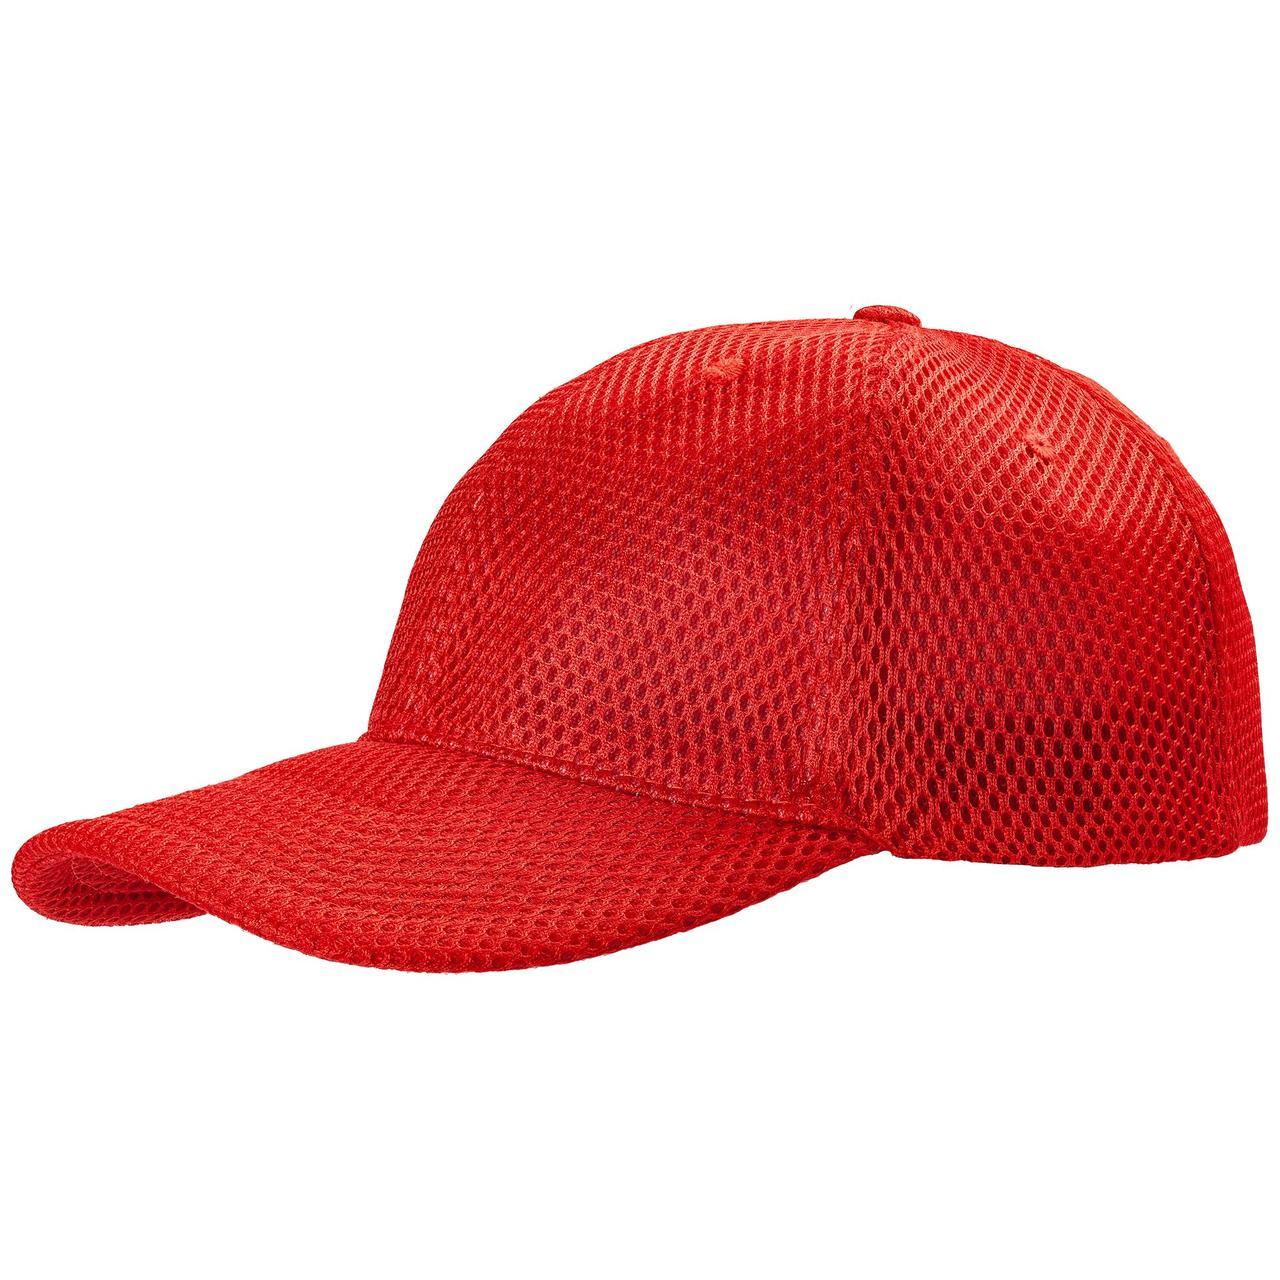 Бейсболка Ben More, красная (артикул 7259.50)